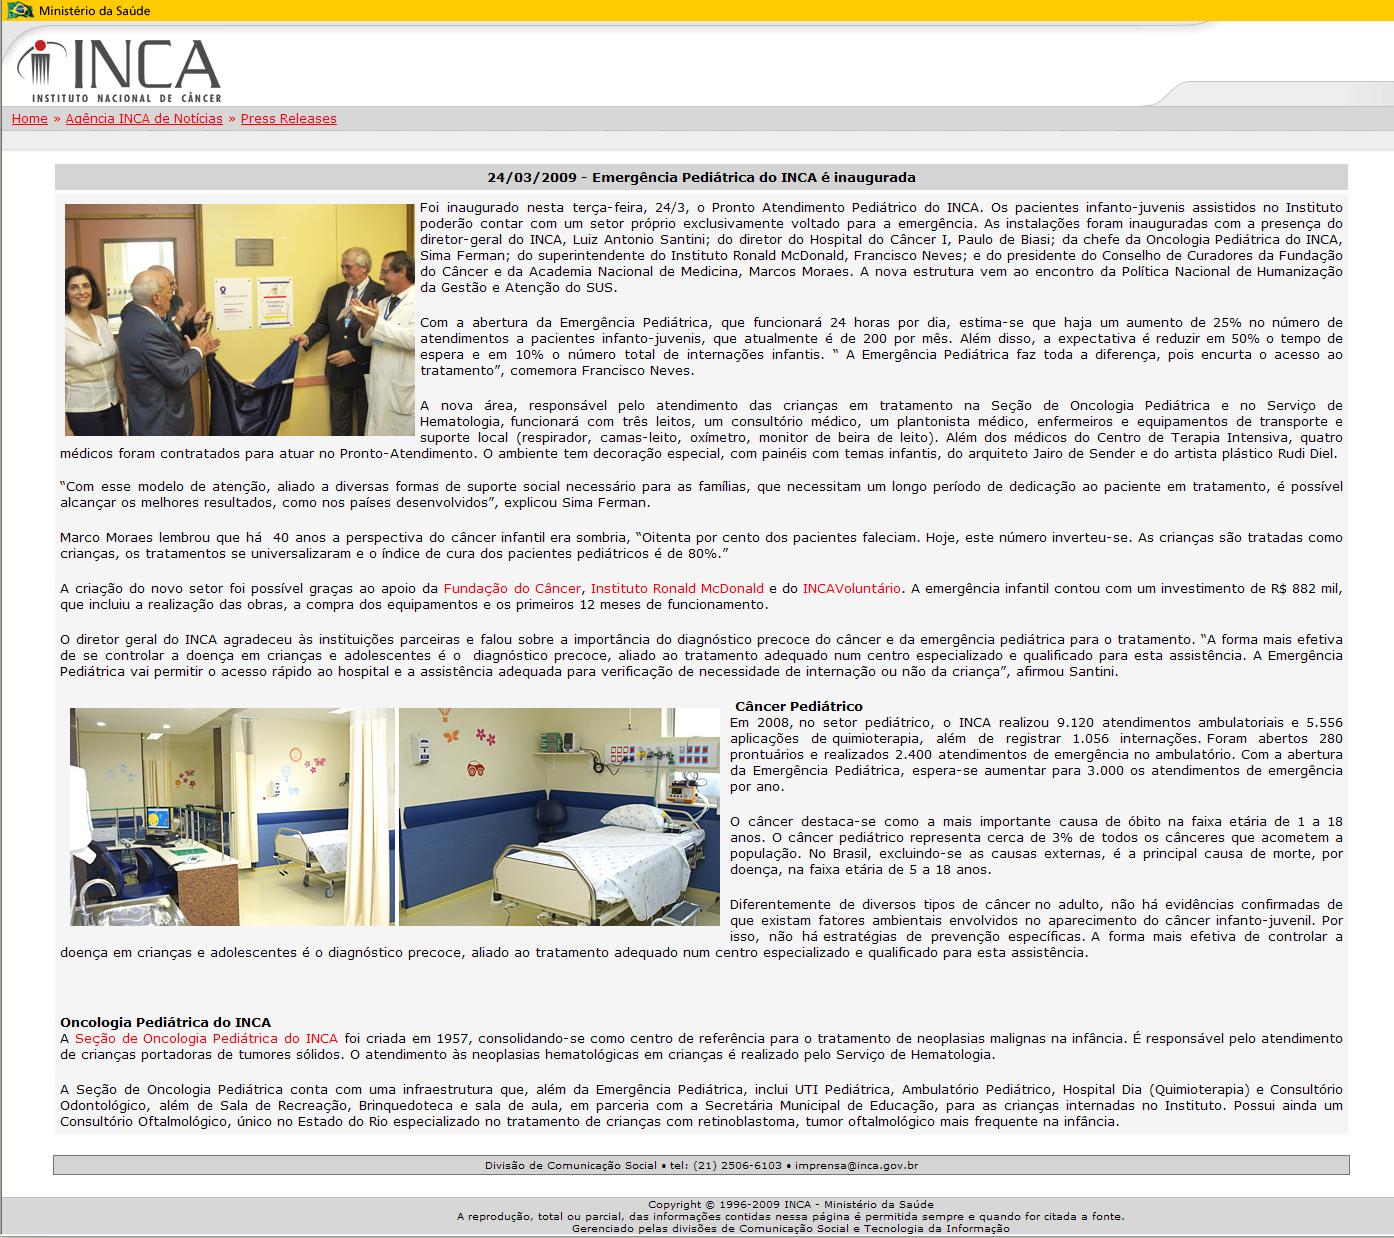 INCA_24-03-2009_scrap